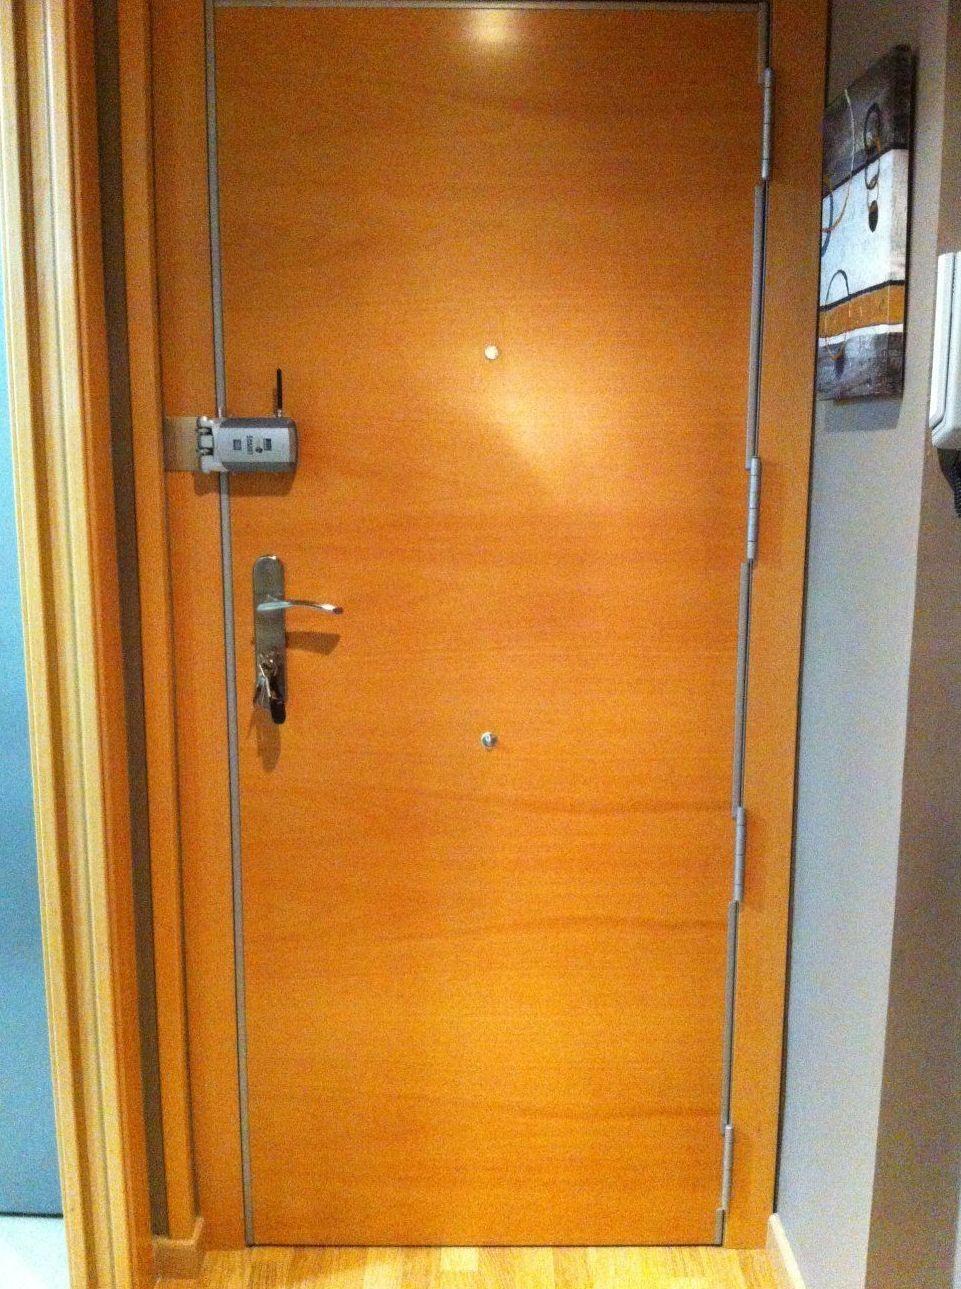 Cerraduras invisibles y bombillos antibumping - Cerraduras de seguridad ...